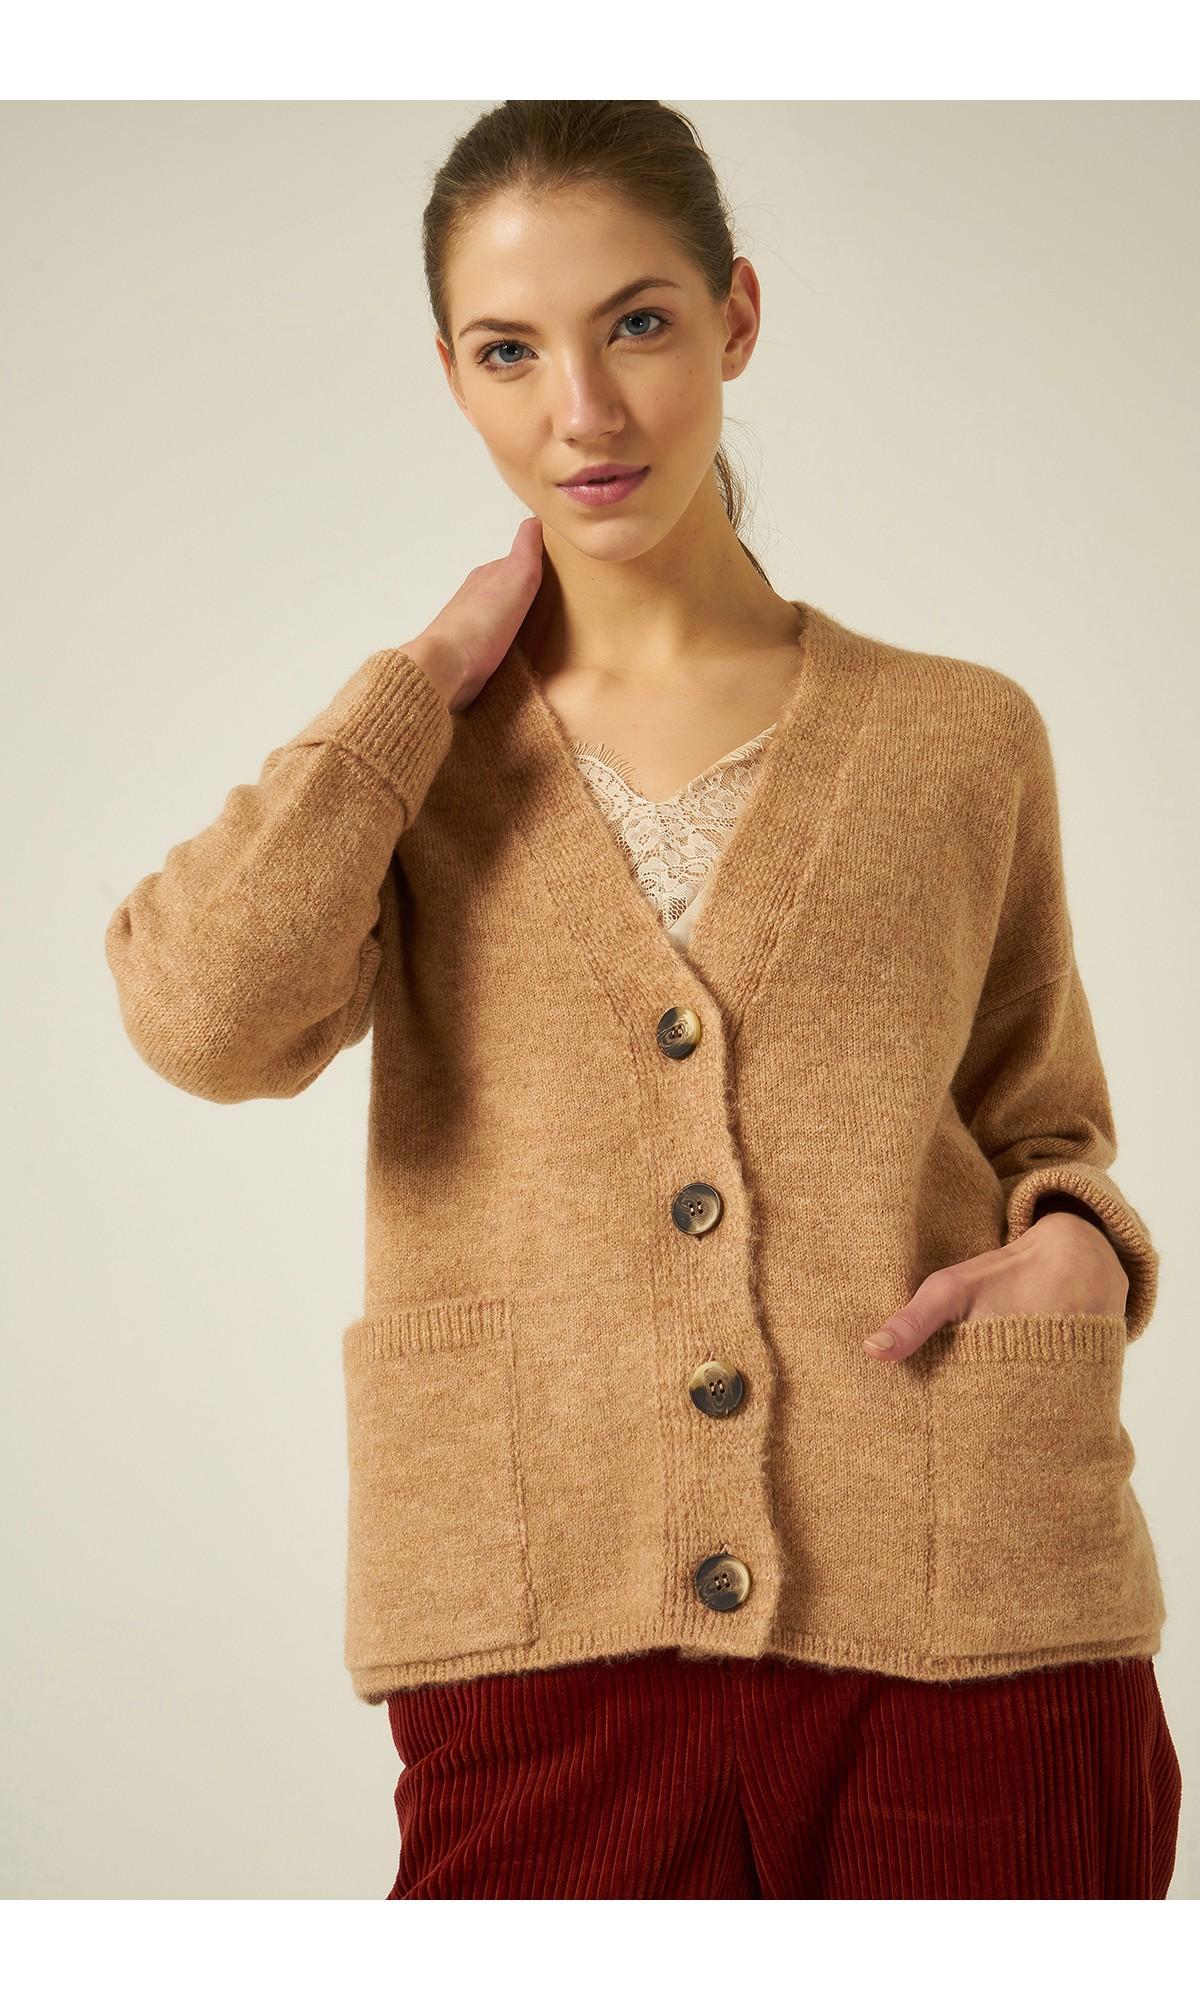 Sweter zapinany w kolorze kamelowym